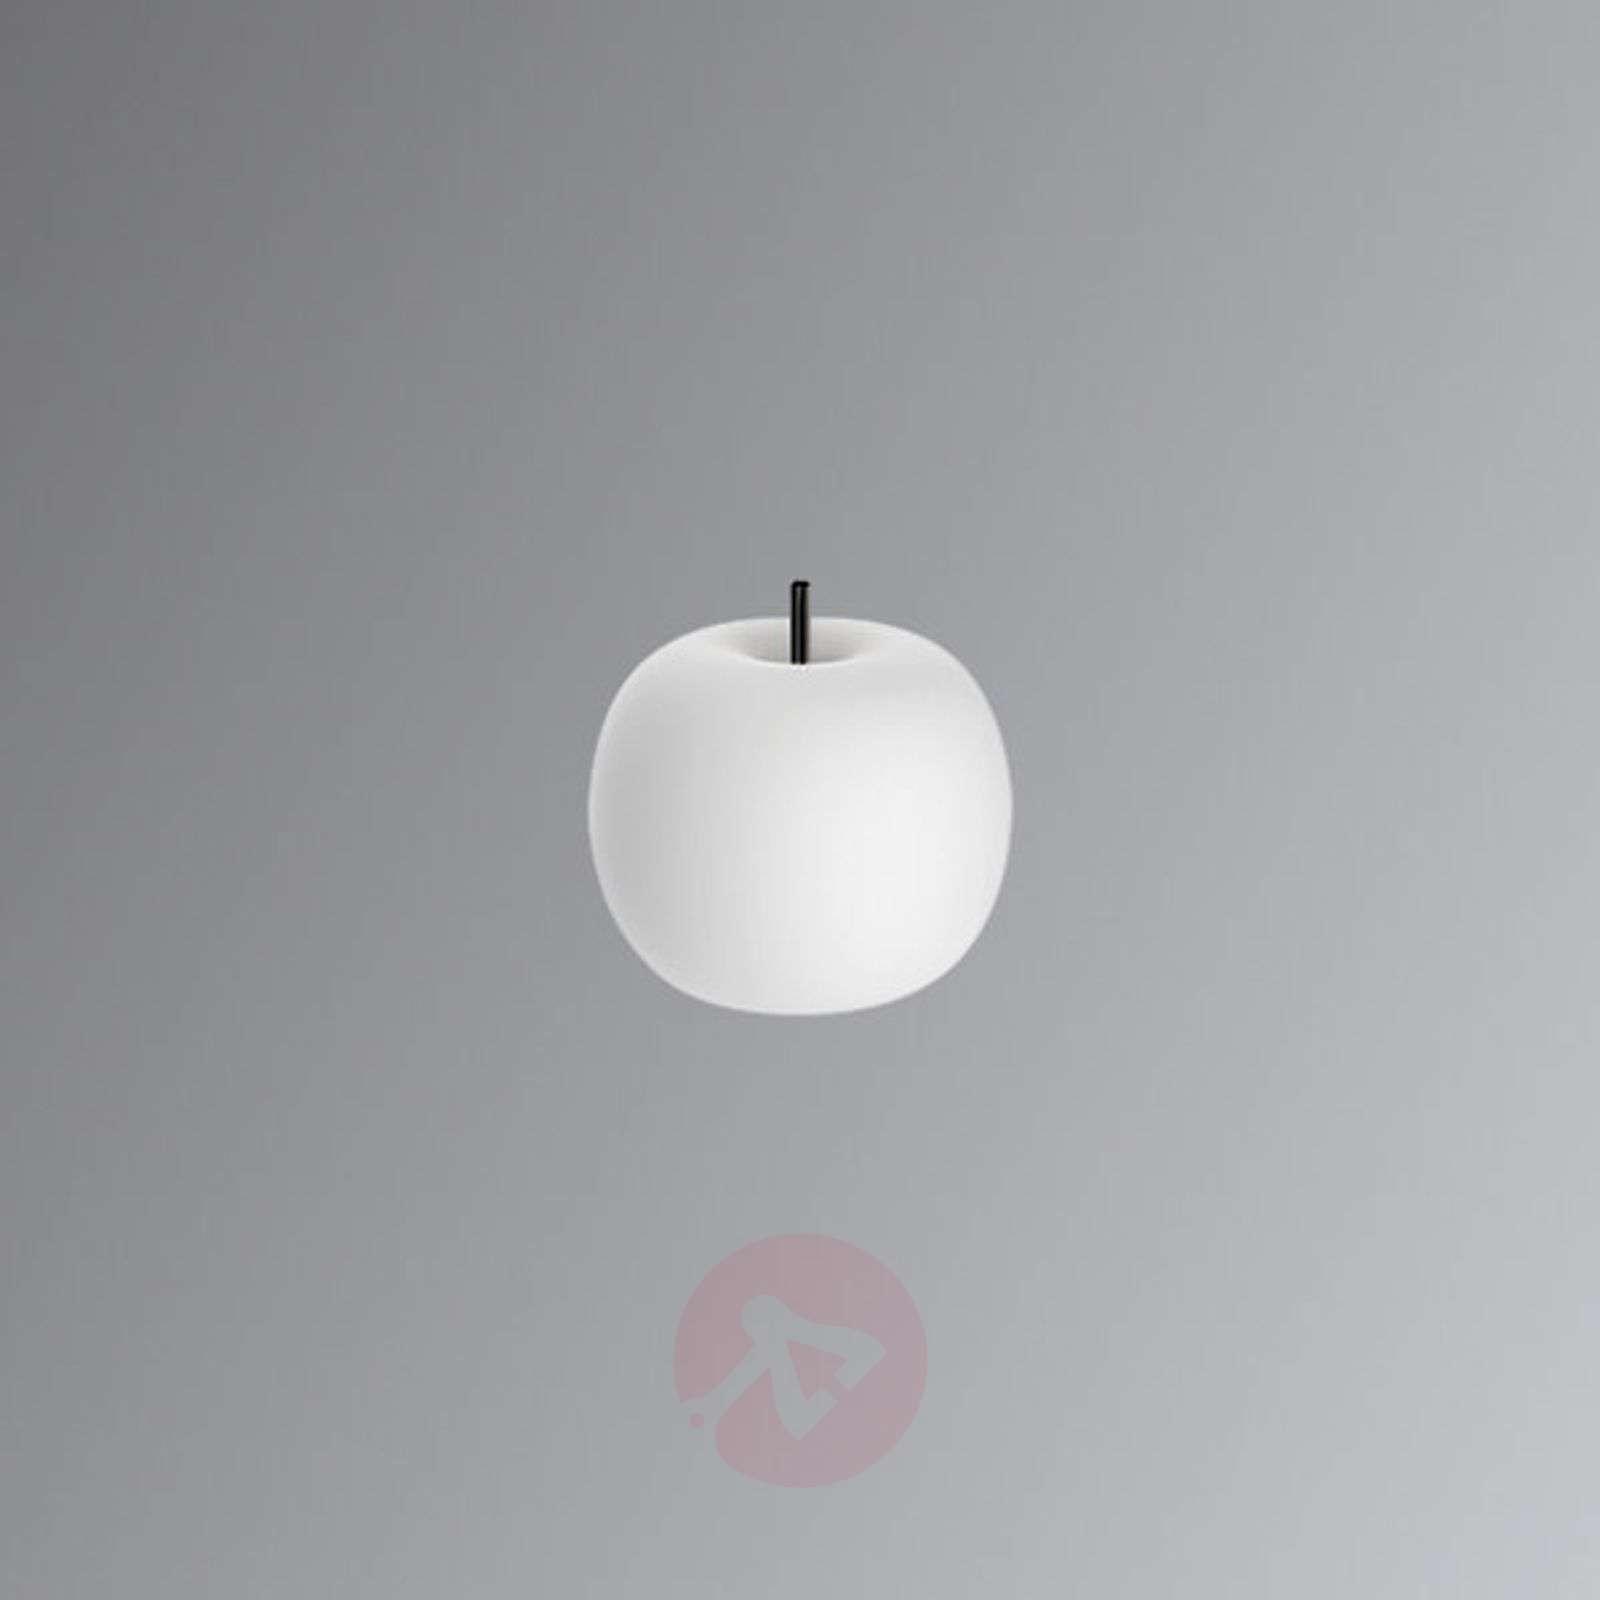 Kundalini Kushi LED table lamp black-5520193X-08